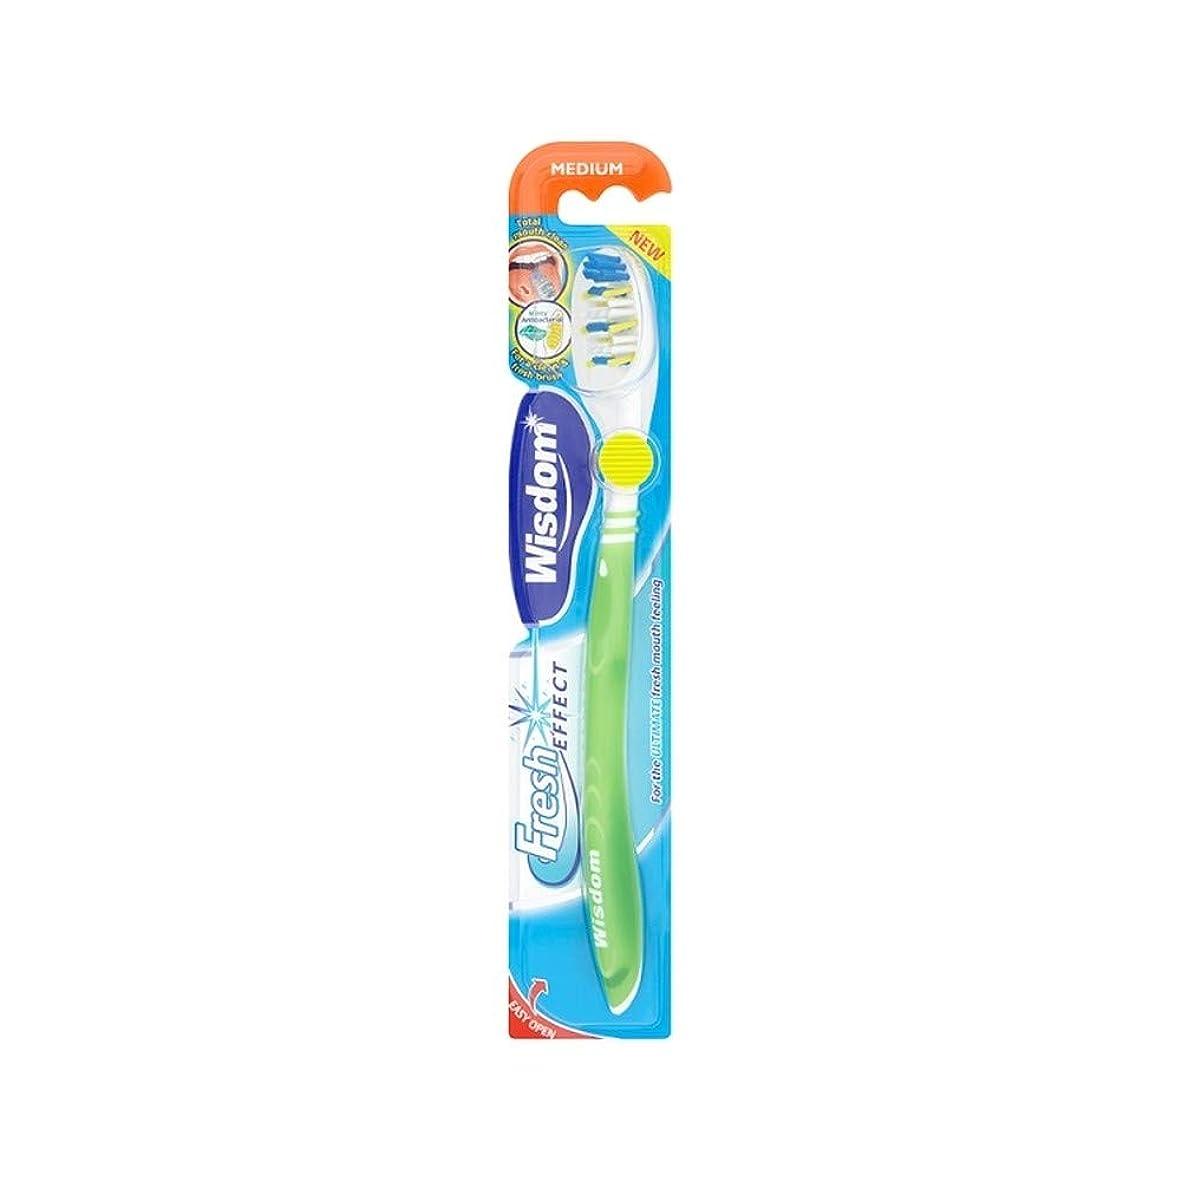 意外ホールドビリーヤギ[Wisdom ] 10の知恵フレッシュ効果メディア歯ブラシパック - Wisdom Fresh Effect Medium Toothbrush Pack of 10 [並行輸入品]